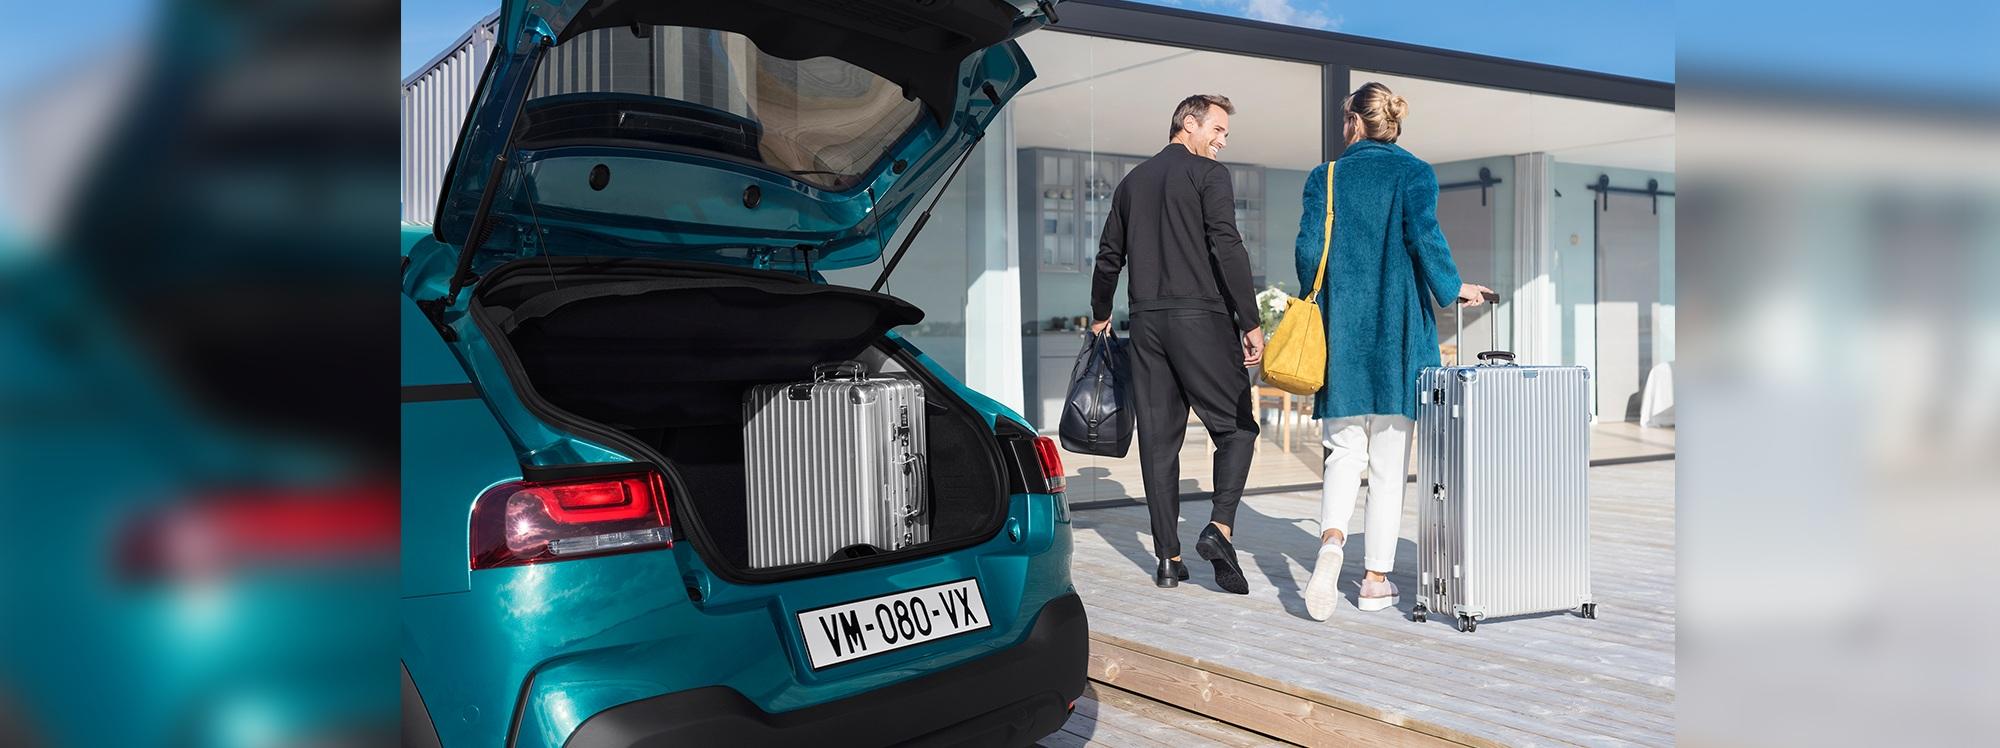 Cuidado con la carga que lleva su vehículo: no arriesgue estabilidad y seguridad